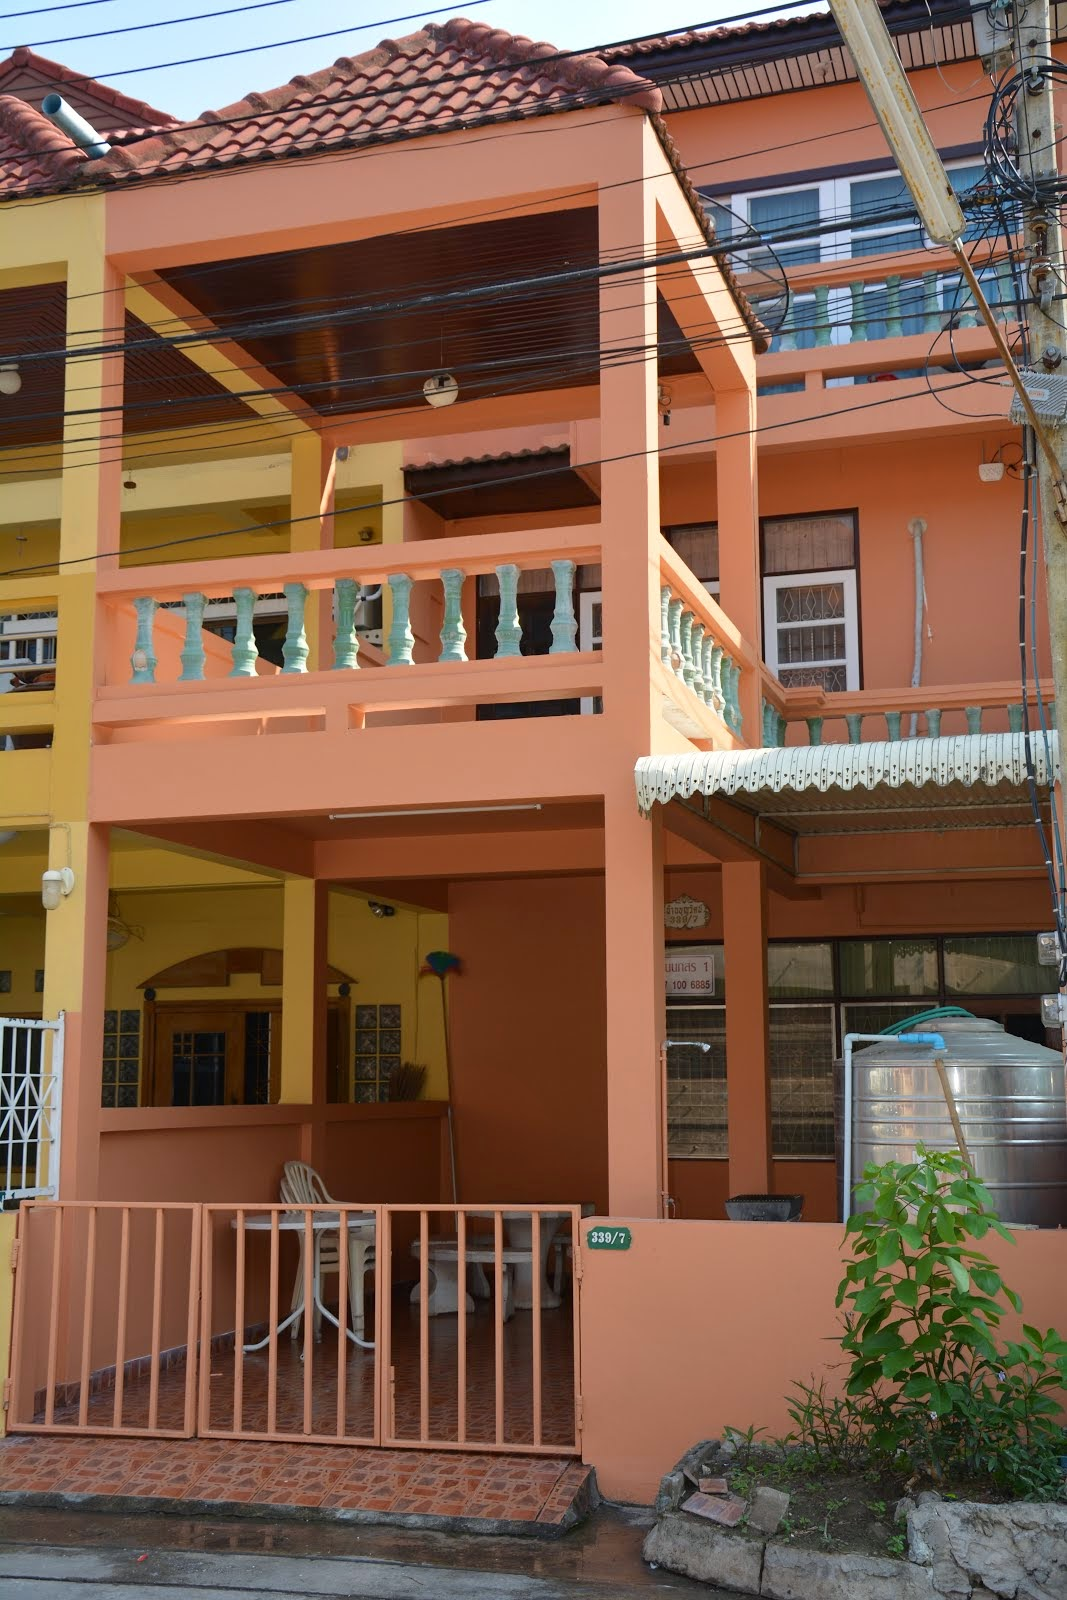 บ้านนภสร ที่พักชะอำหมู่คณะราคาถูก 50-400 ท่านพิเศษนักเรียน 280 บาท/ท่าน